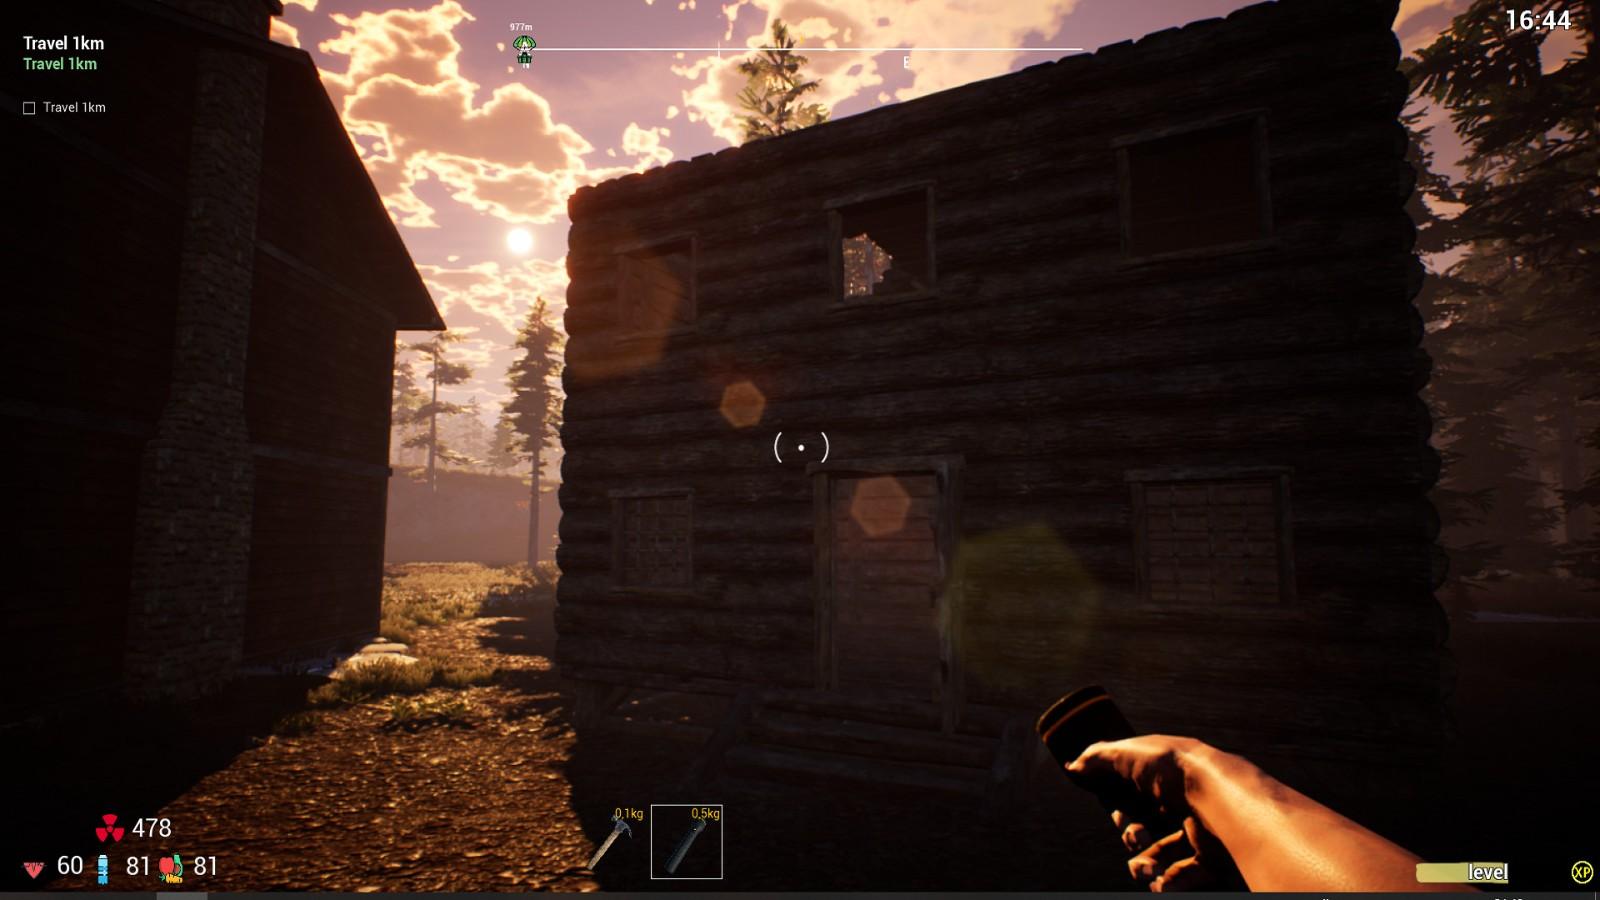 沙盒生存游戏《上一代:生存》Steam正式发售 国区24元